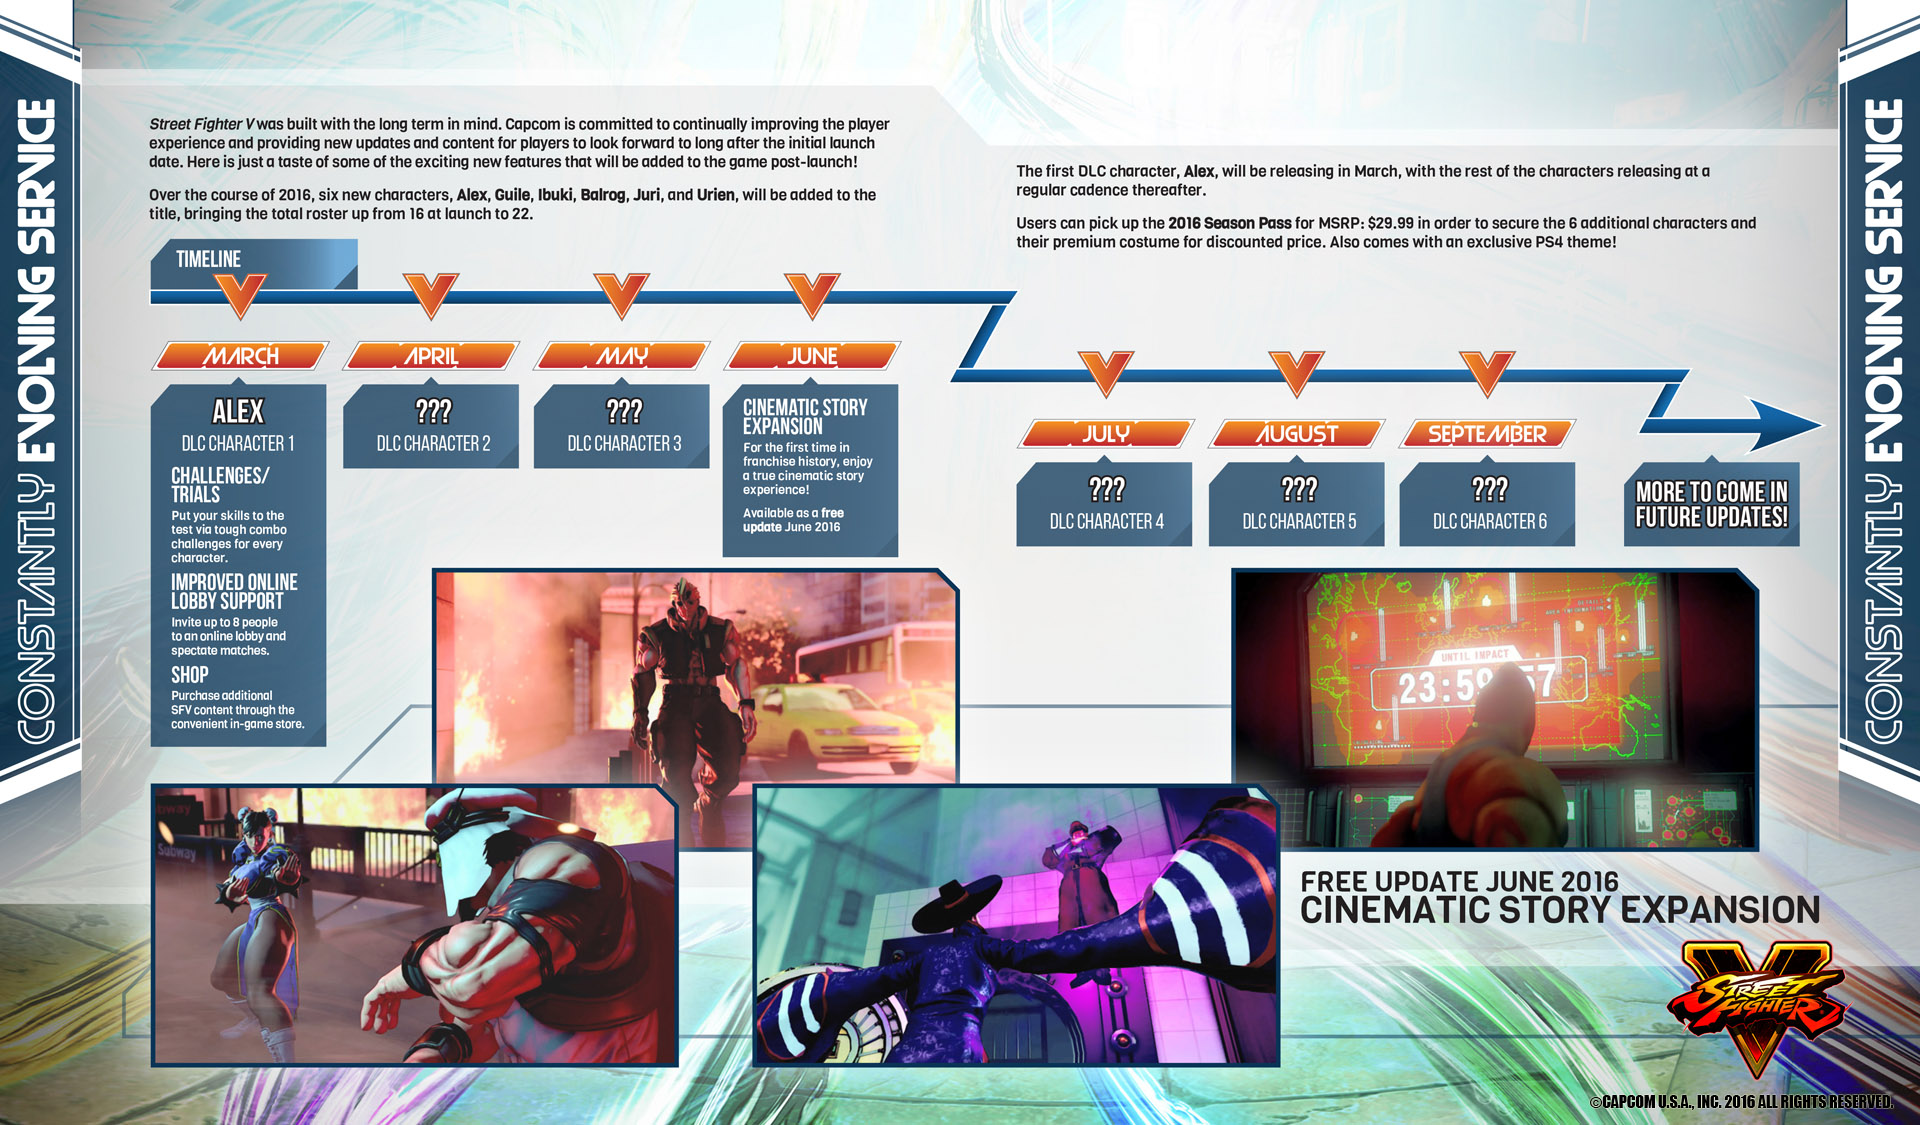 Les sorties de DLC prévues par Capcom cette année. Vive le jeu en kit !